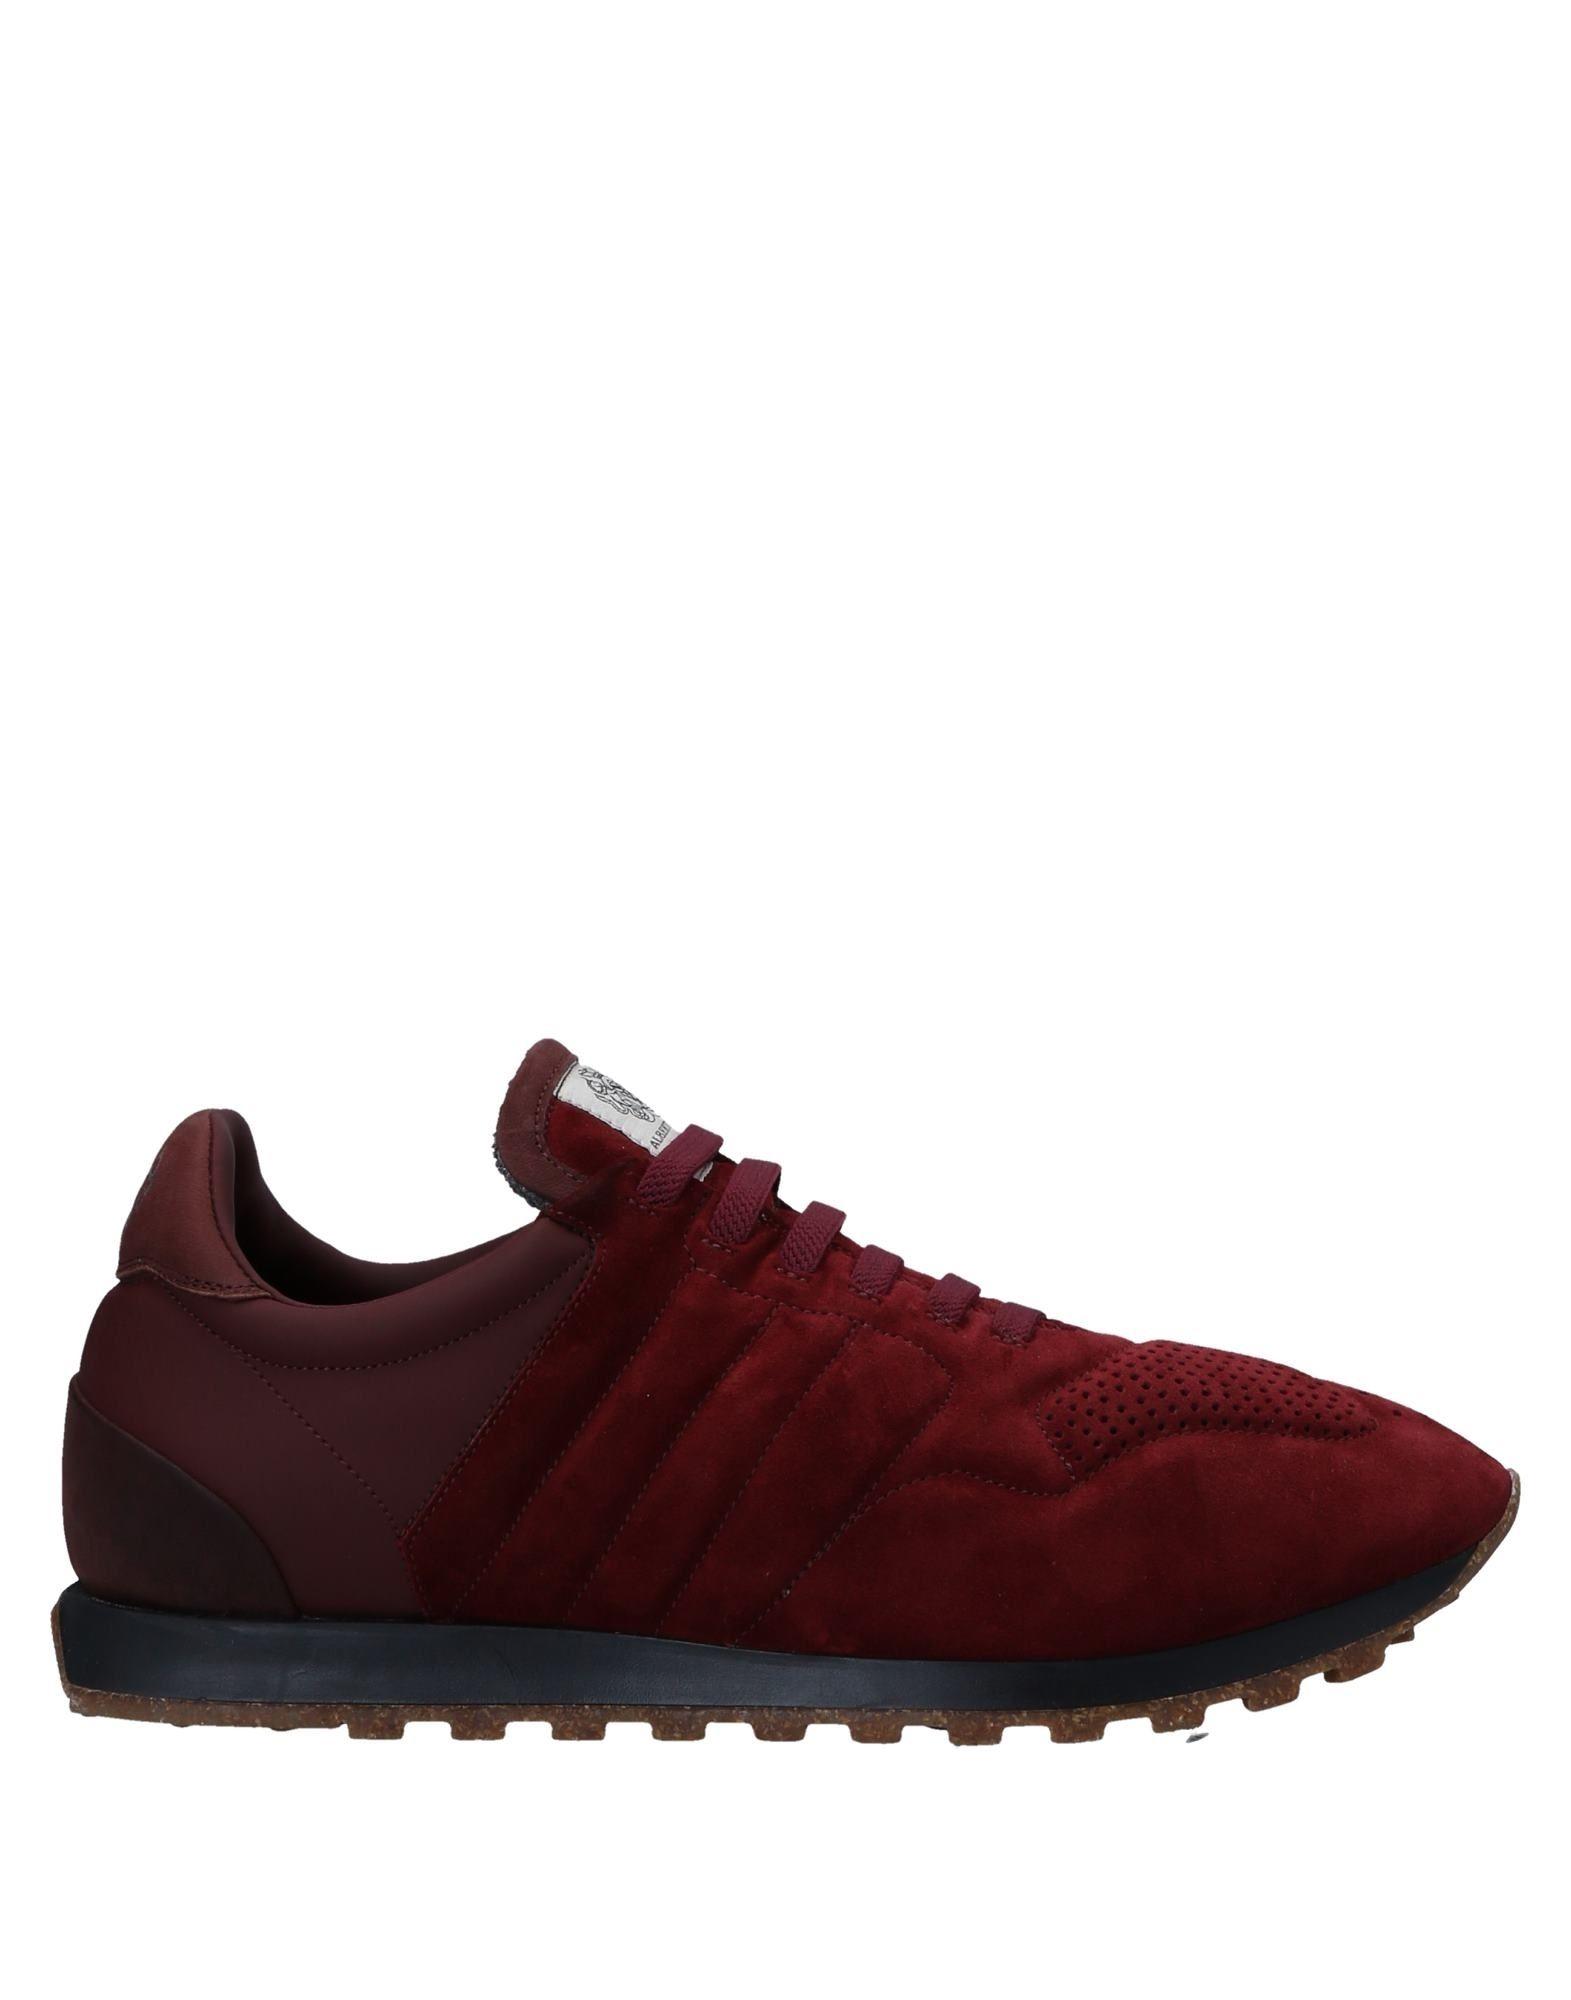 Alberto Fasciani Sneakers Herren  11552404VK Gute Qualität beliebte Schuhe